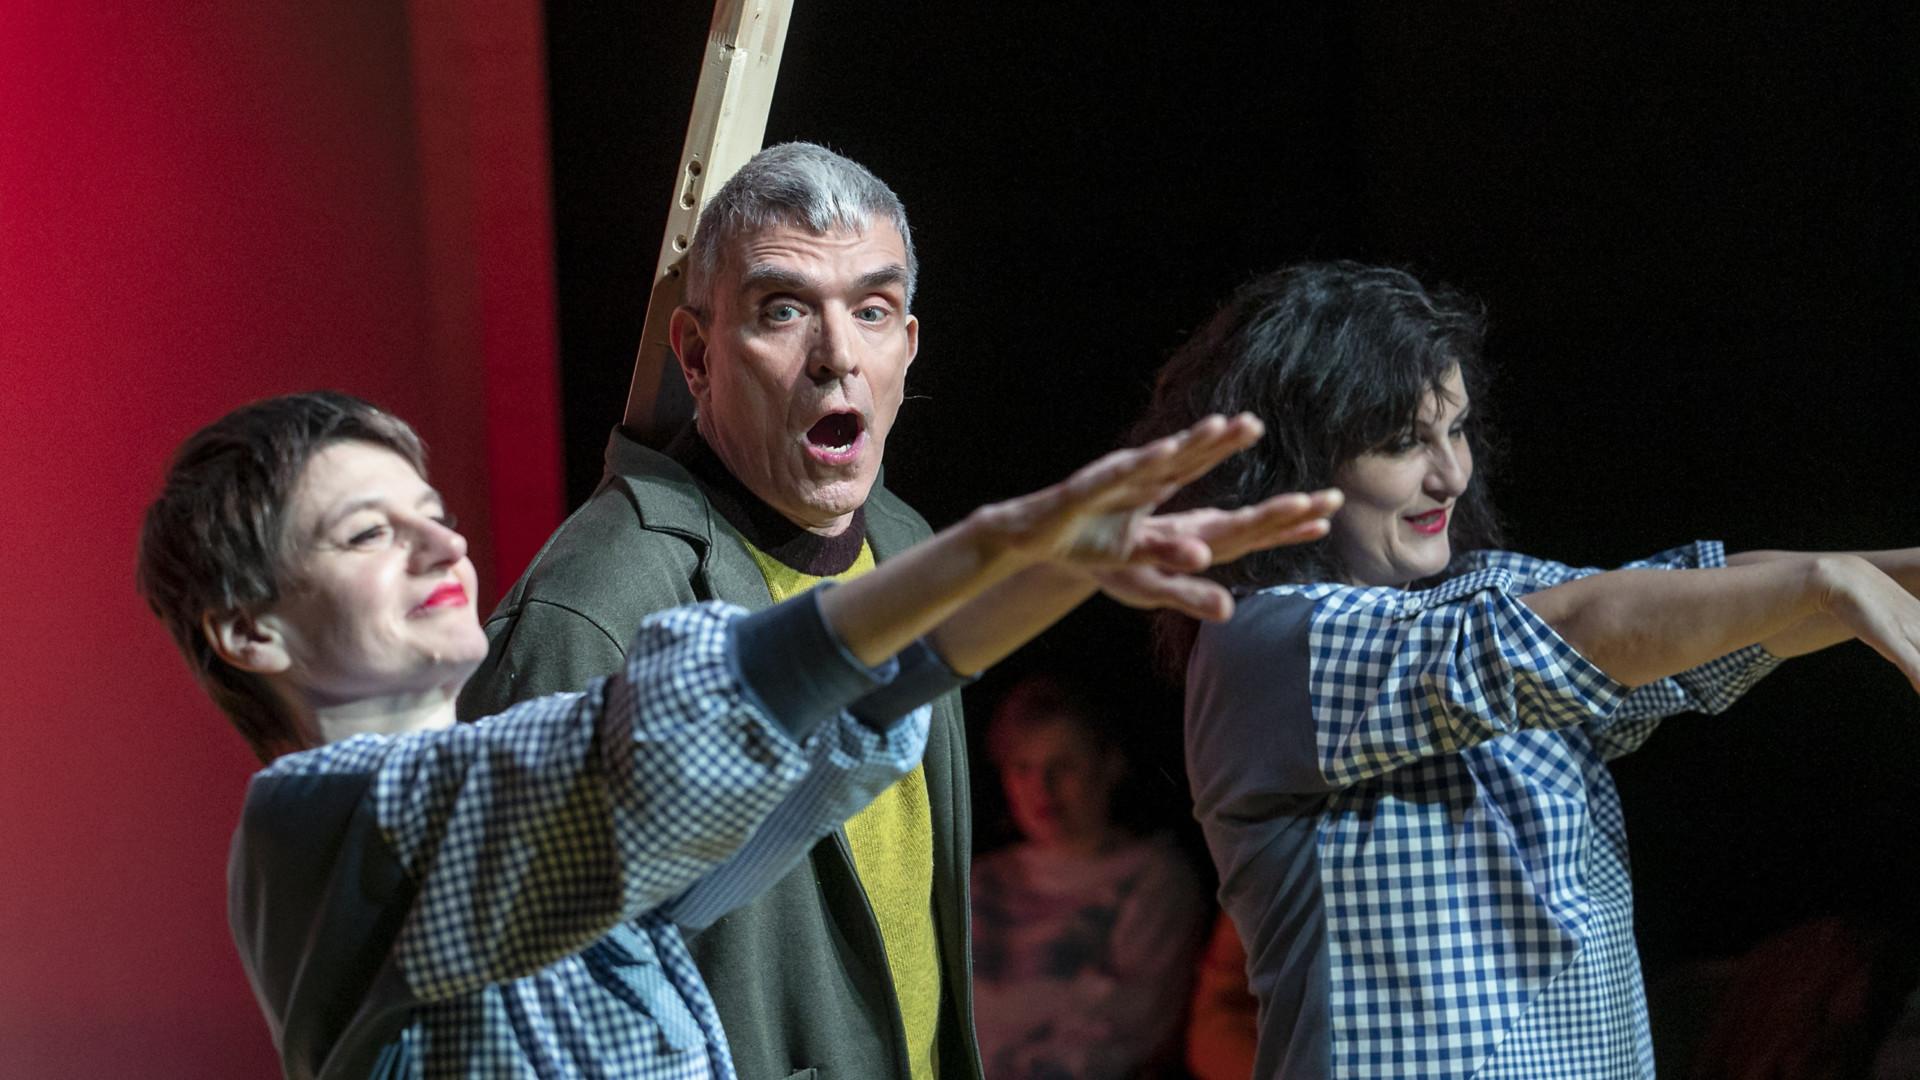 Szenenfoto aus einer Auffuehrung: Zwei Frauen und ein Mann auf einer Theaterbühne.